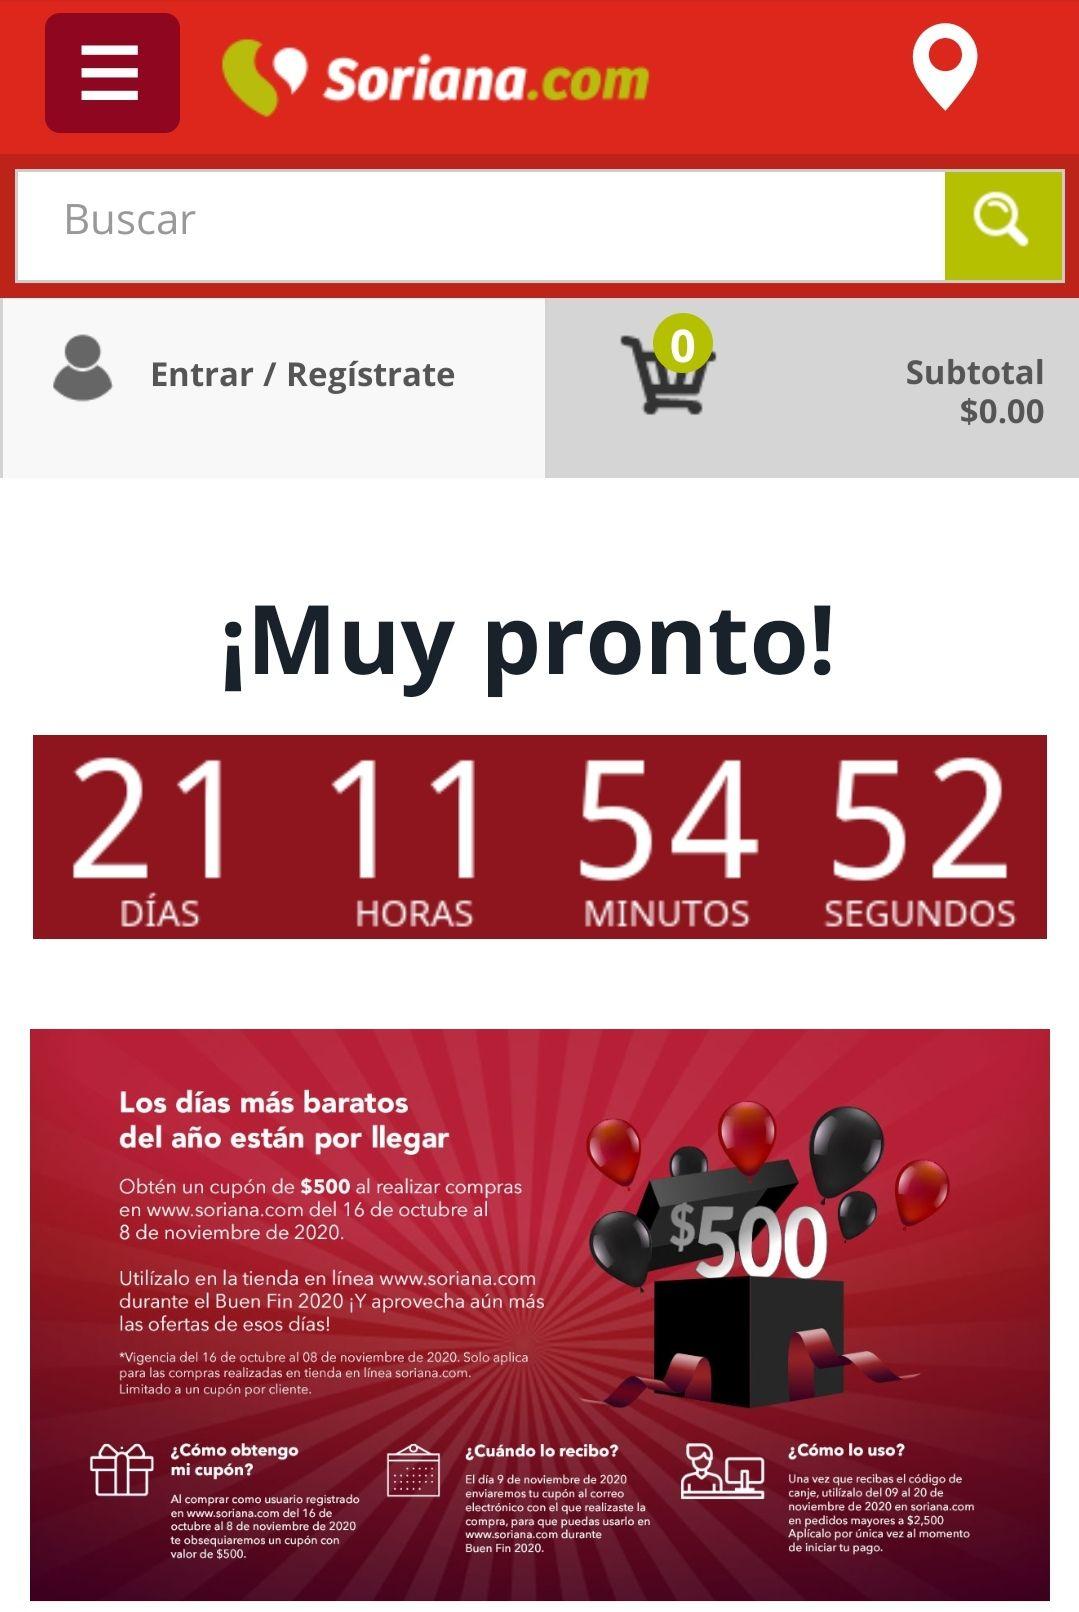 Soriana: cupón de $500 para el buen fin 2020 al comprar en soriana.com del 16 oct al 8 nov